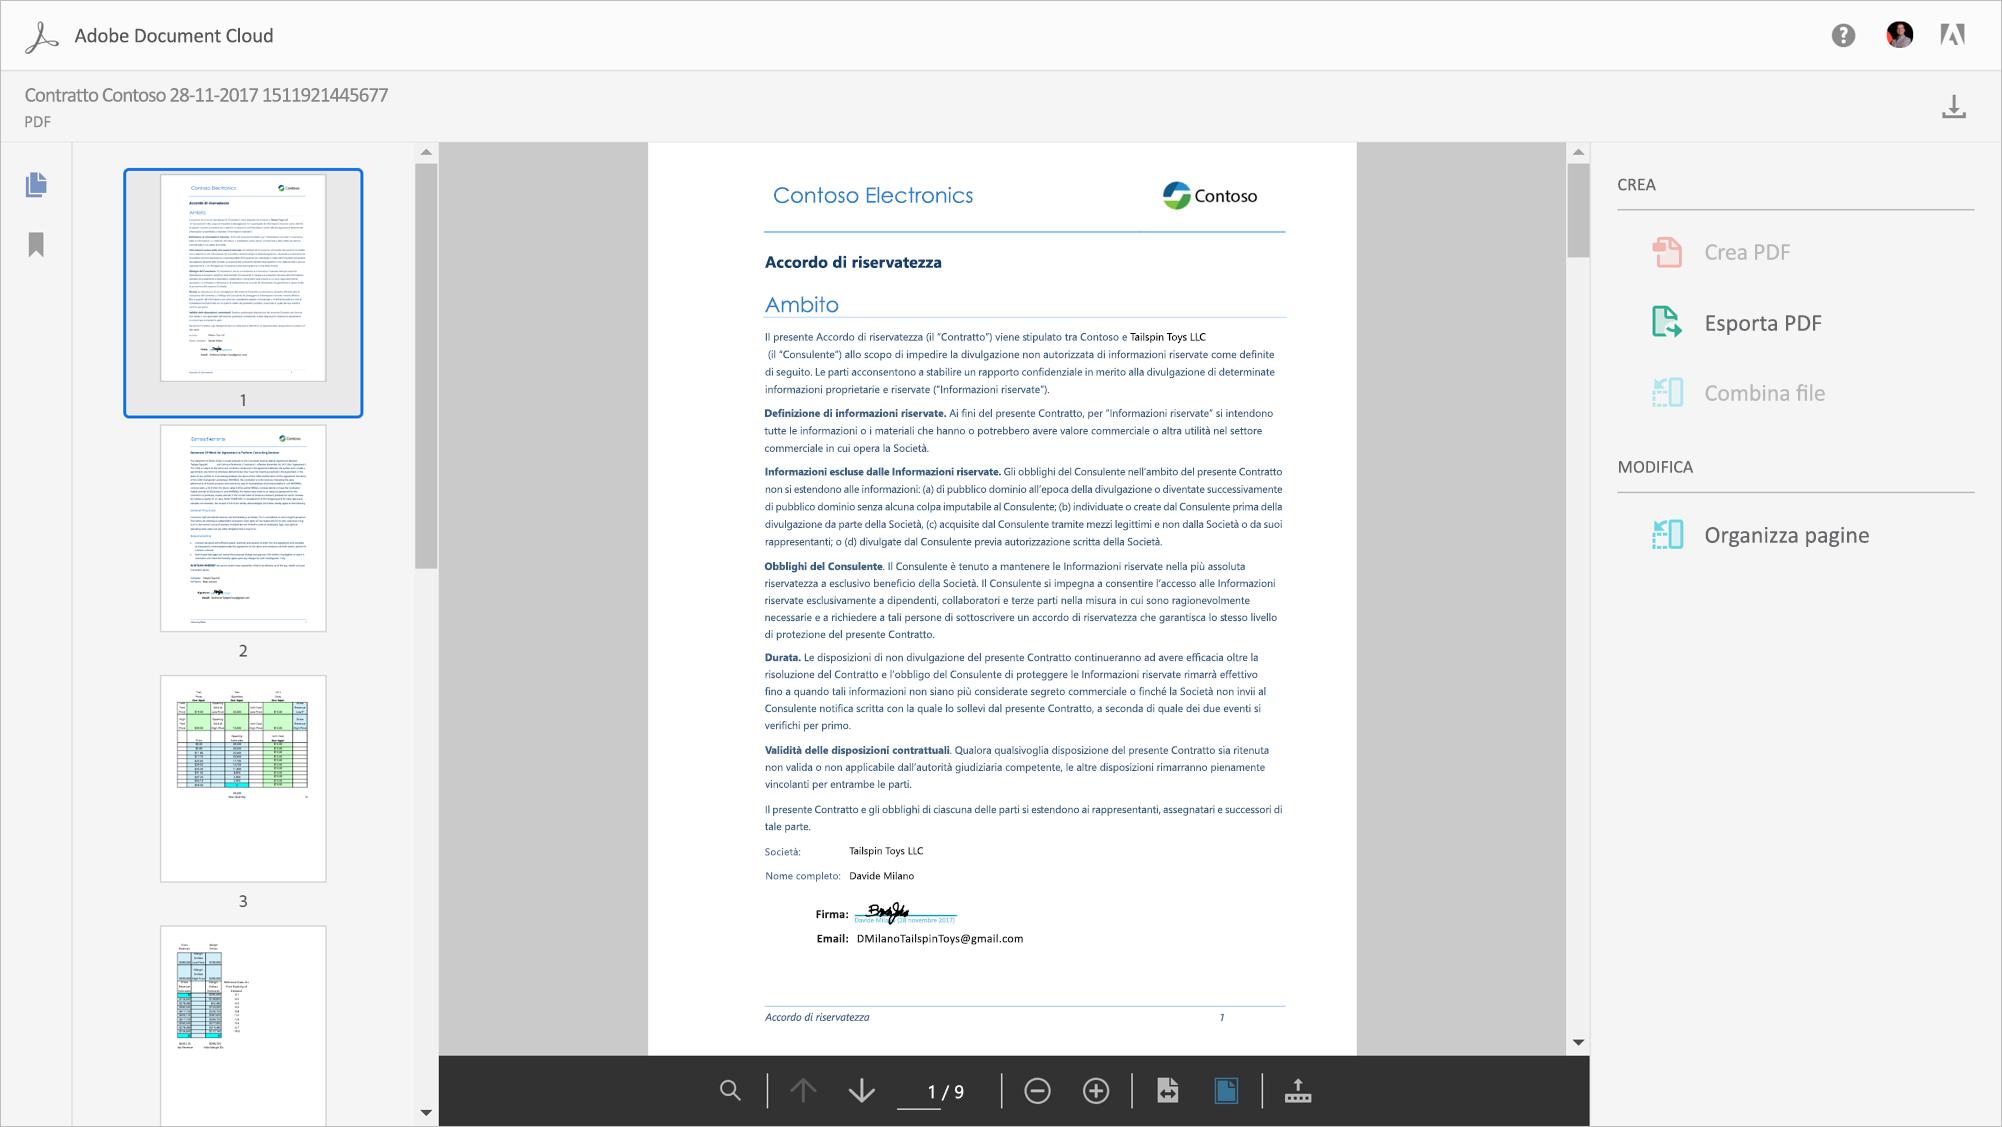 Gli aggiornamenti di Adobe Document Cloud introducono servizi PDF integrati in Office 365